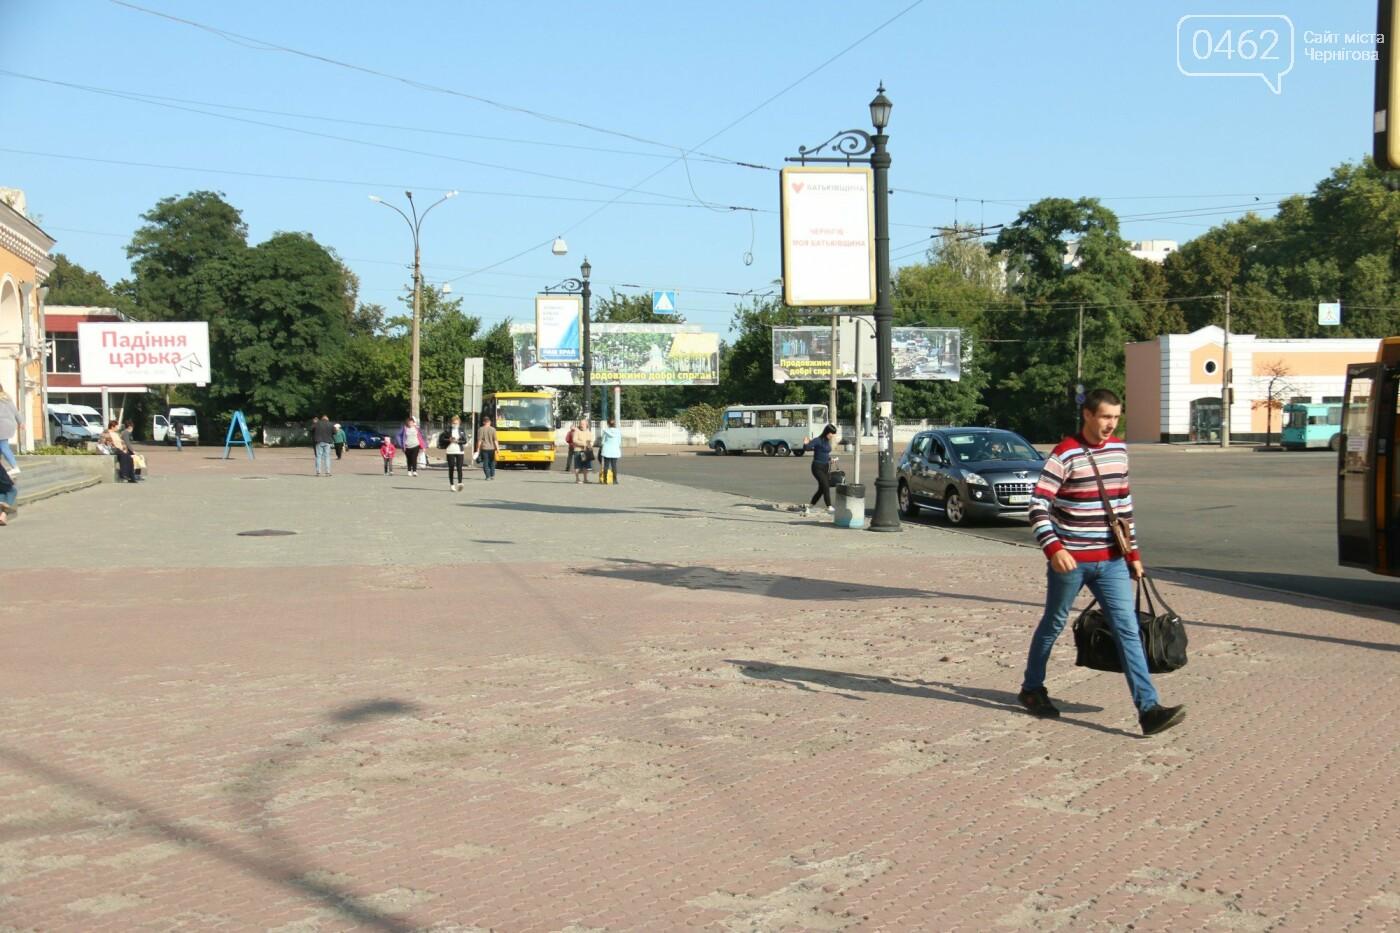 Вокзальну площу в Чернігові обіцяли відремонтувати, але не так сталося як гадалося, фото-5